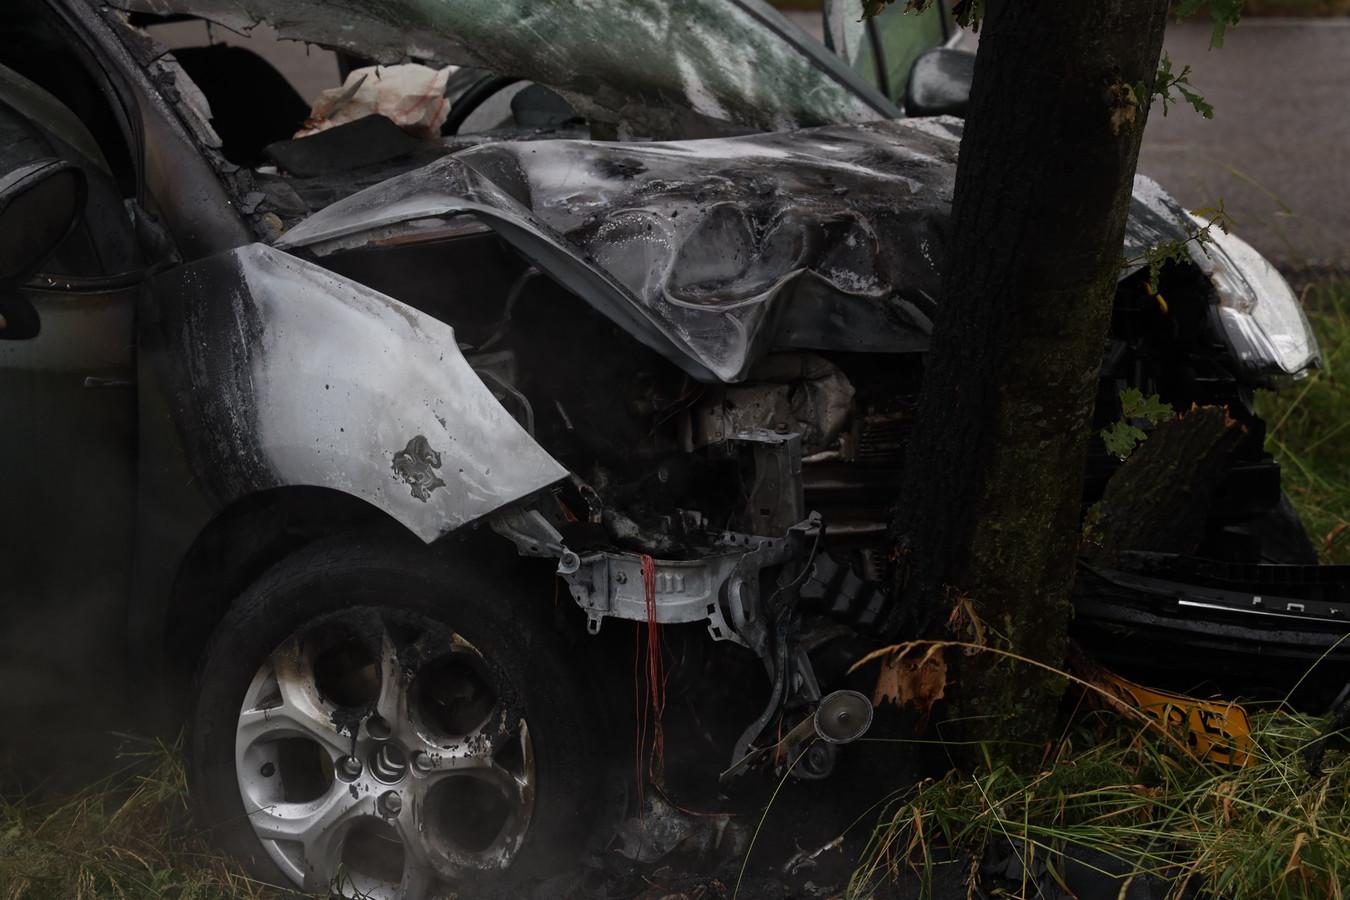 Auto vliegt in brand na ongeval in buitengebied bij Schaijk.